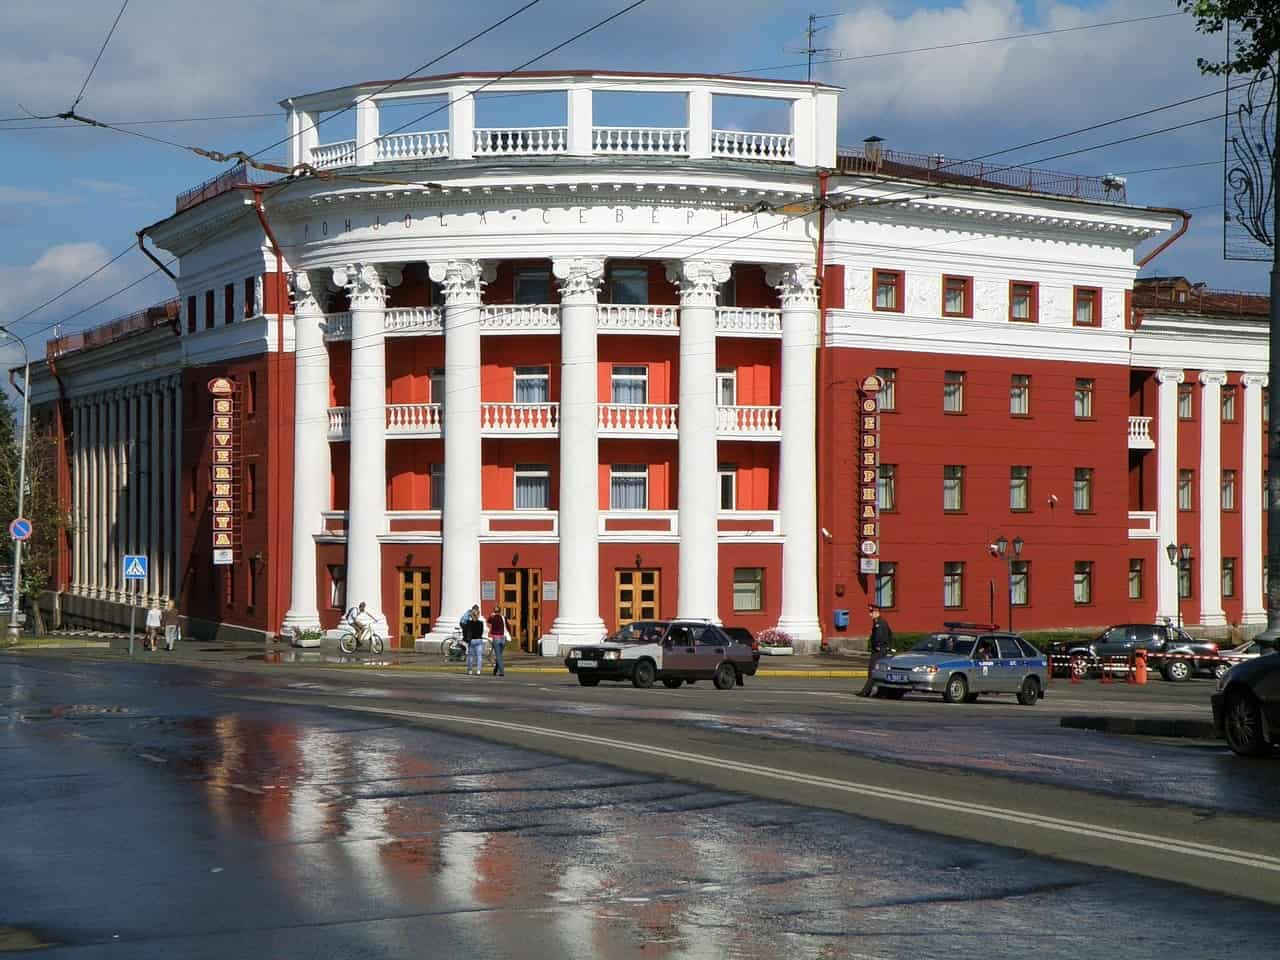 Одна из наилучших точек визуального восприятия гостиницы. Главный фасад - угловая закругленная 4-этажная часть - решен в виде изогнутого портика с аттиком. Фото: hotel-inn.ru